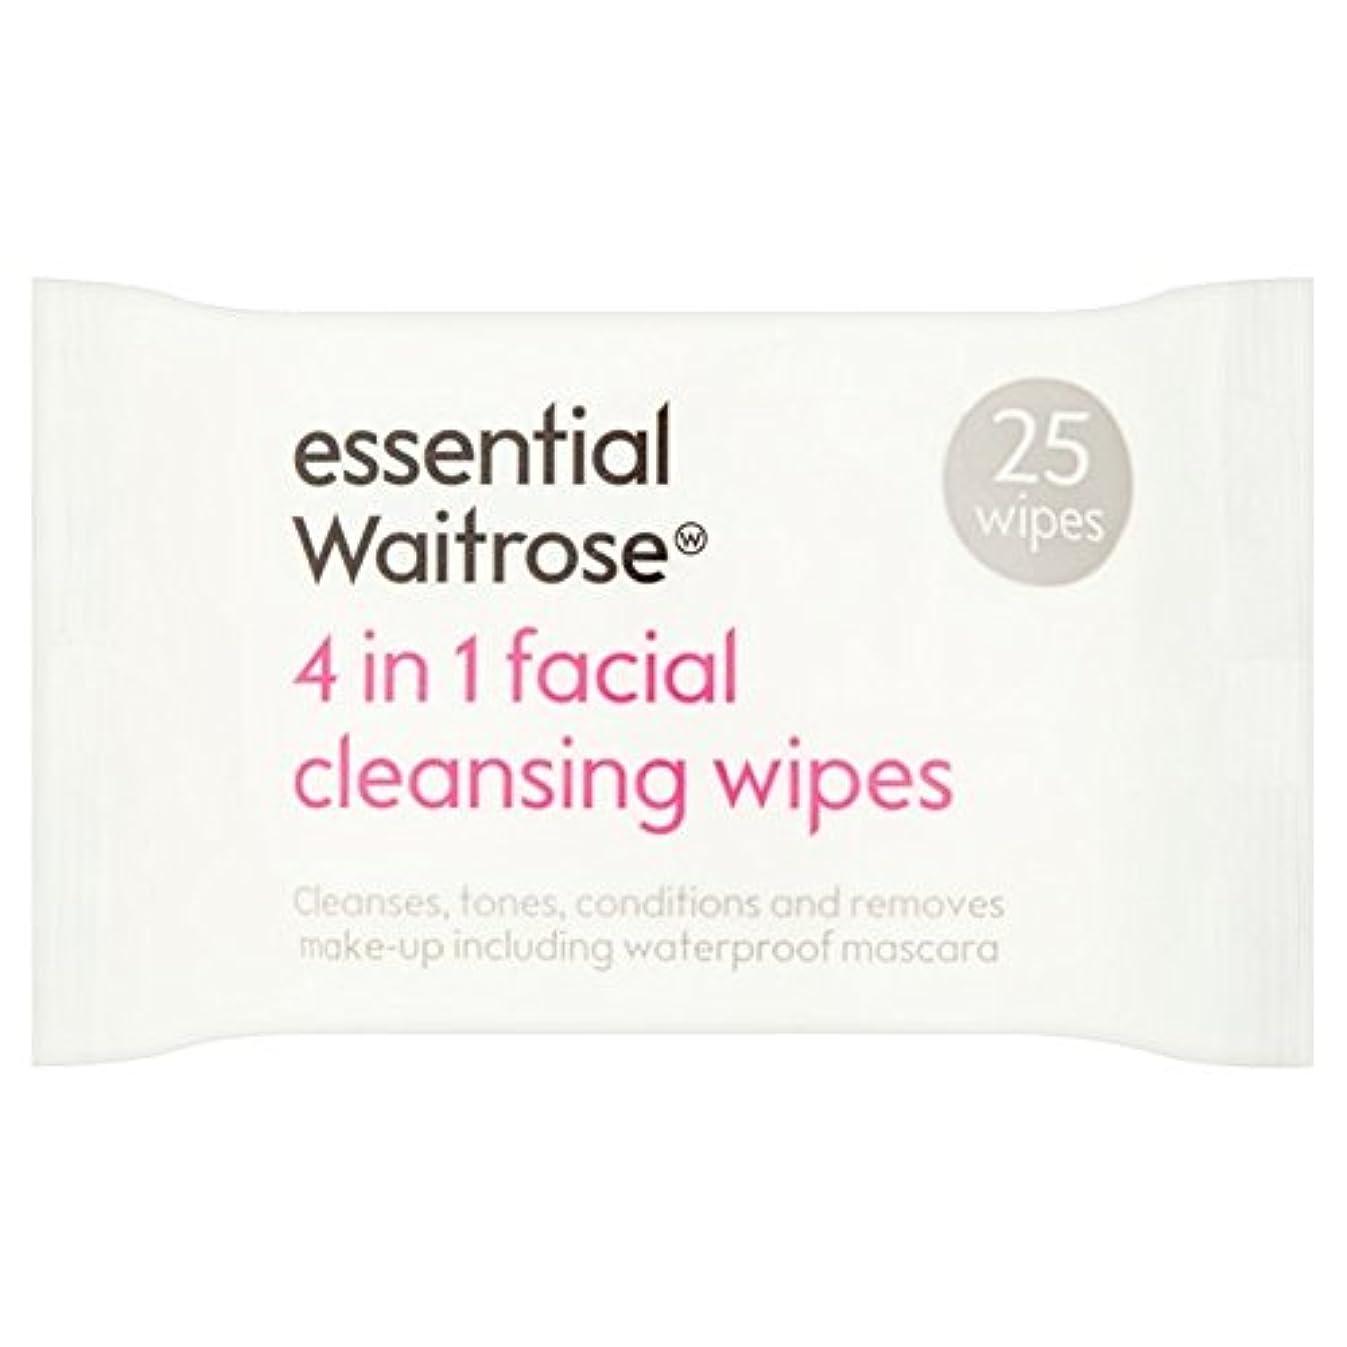 メンテナンス姪予報3 in 1 Facial Wipes essential Waitrose 25 per pack (Pack of 6) - 3 1での顔のワイプパックあたり不可欠ウェイトローズ25 x6 [並行輸入品]